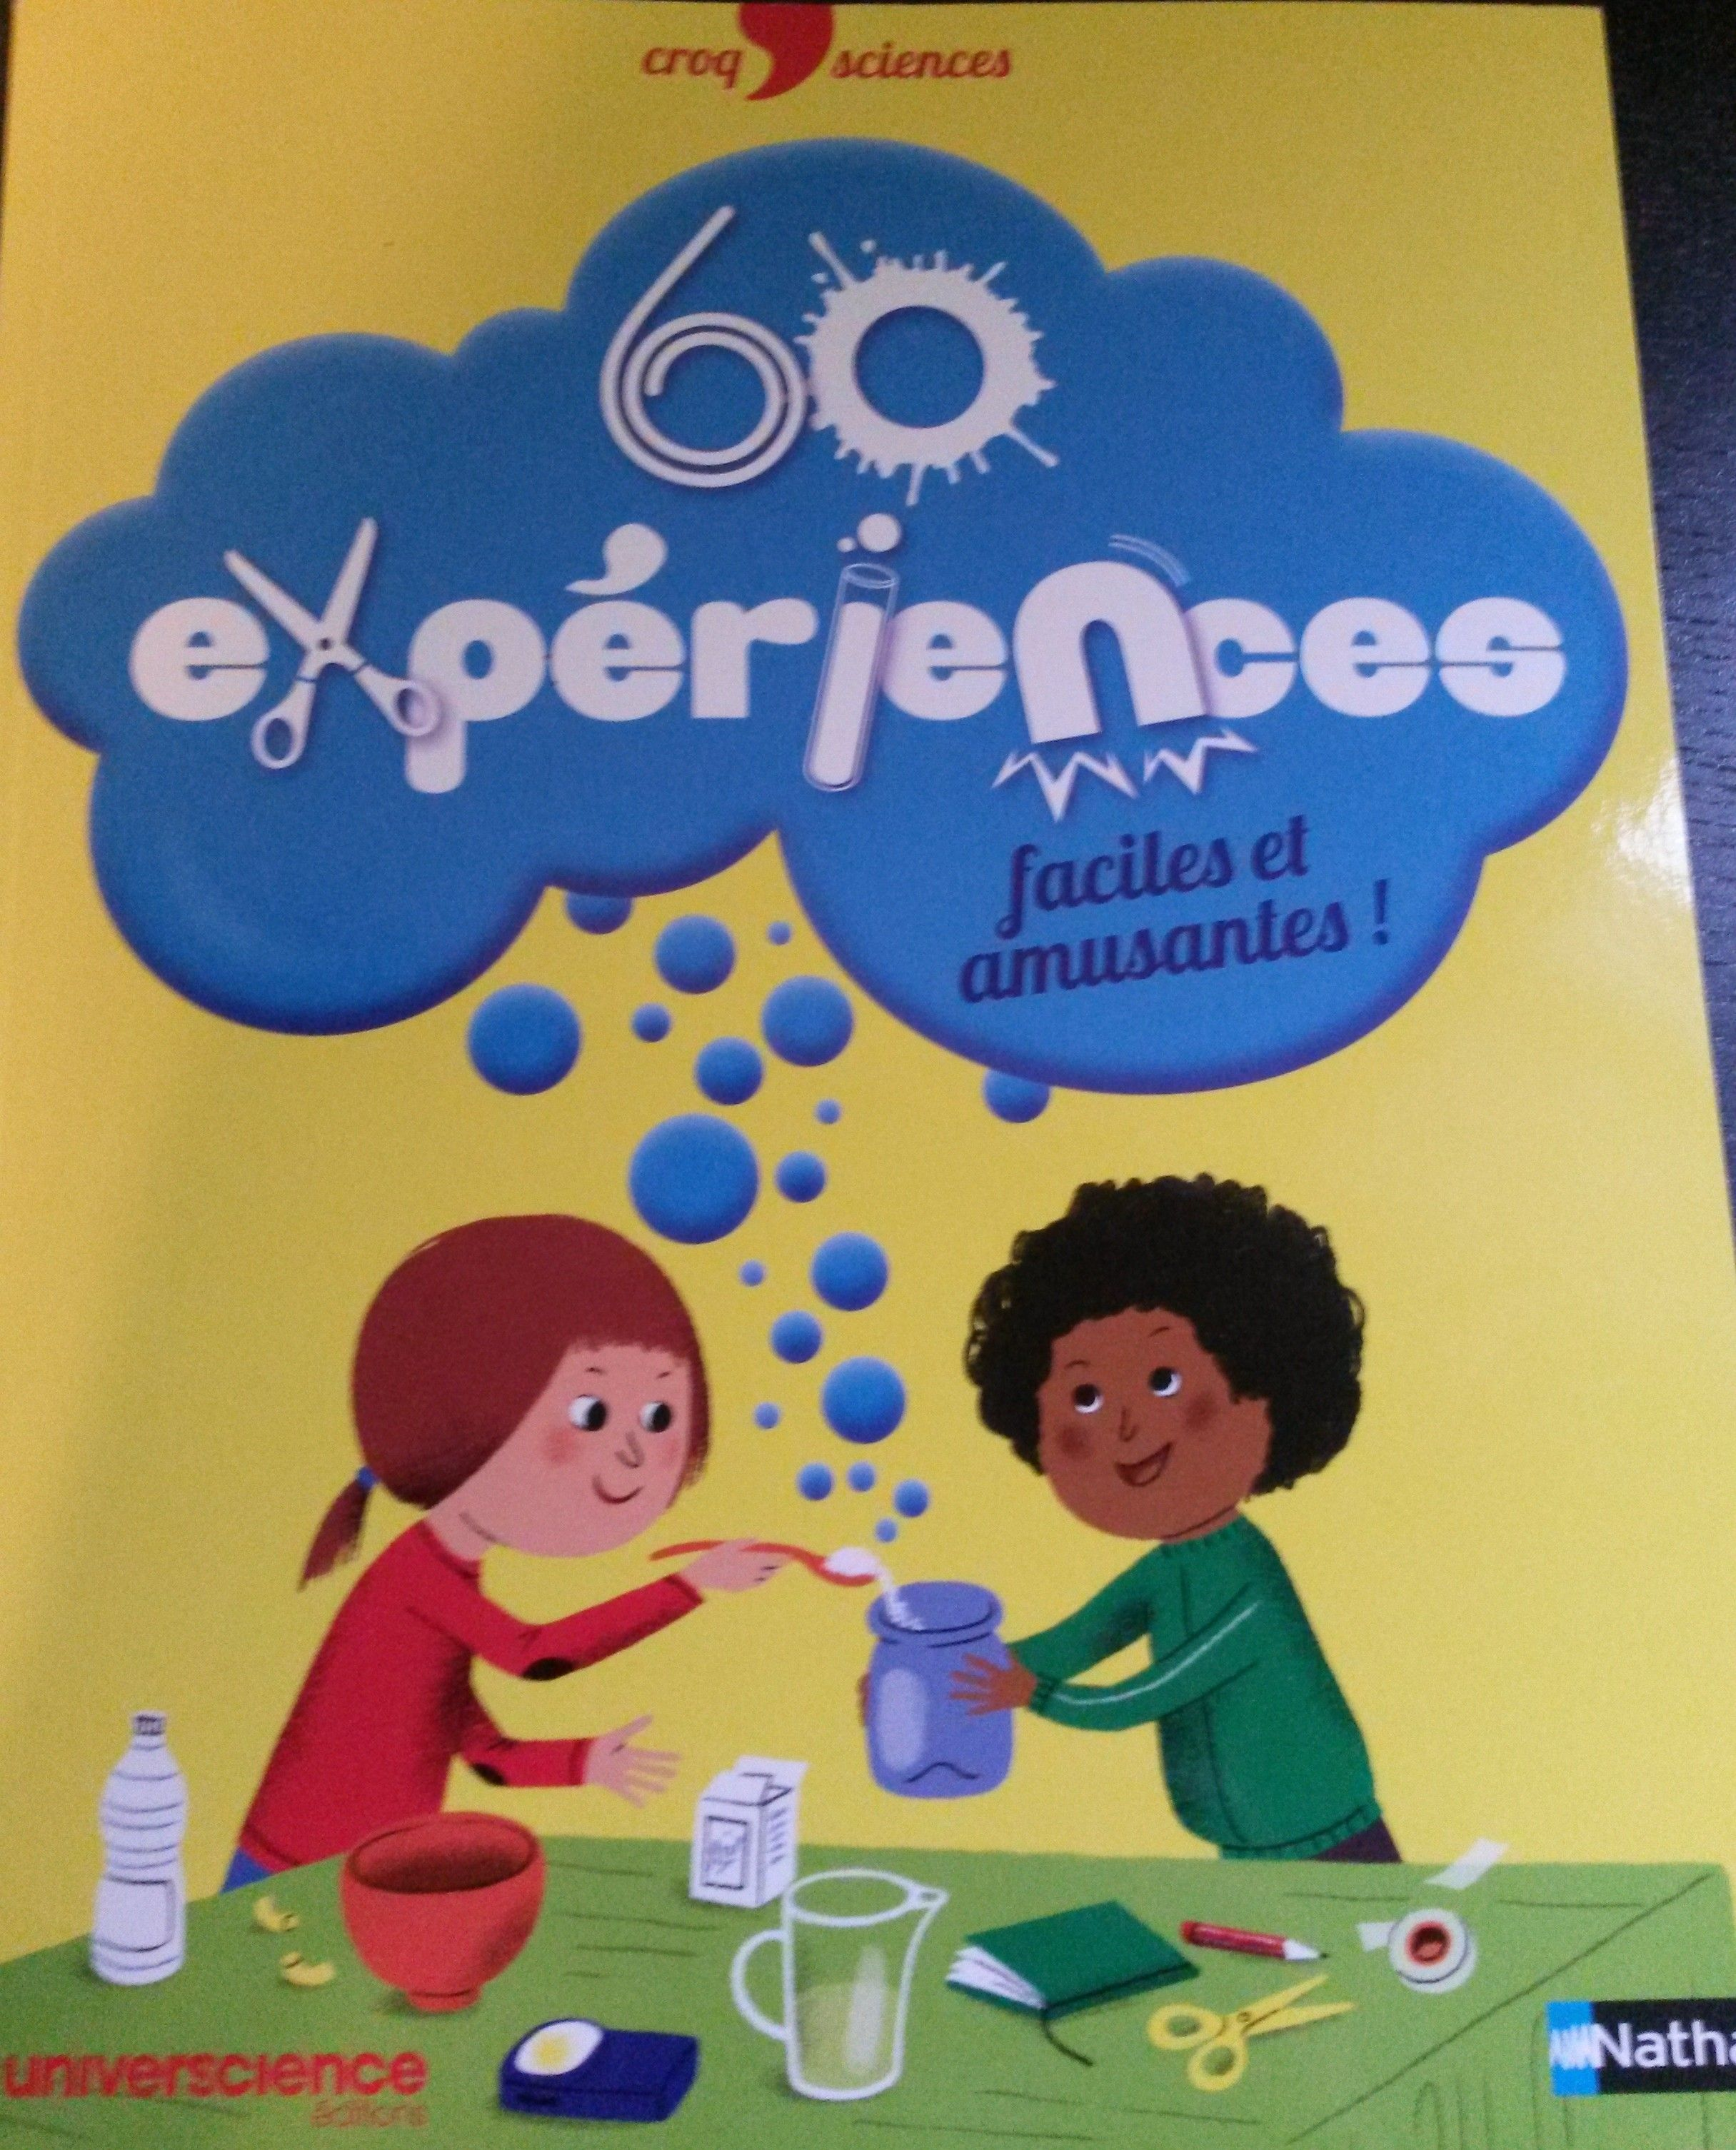 60 expériences scientifiques faciles et amusantes